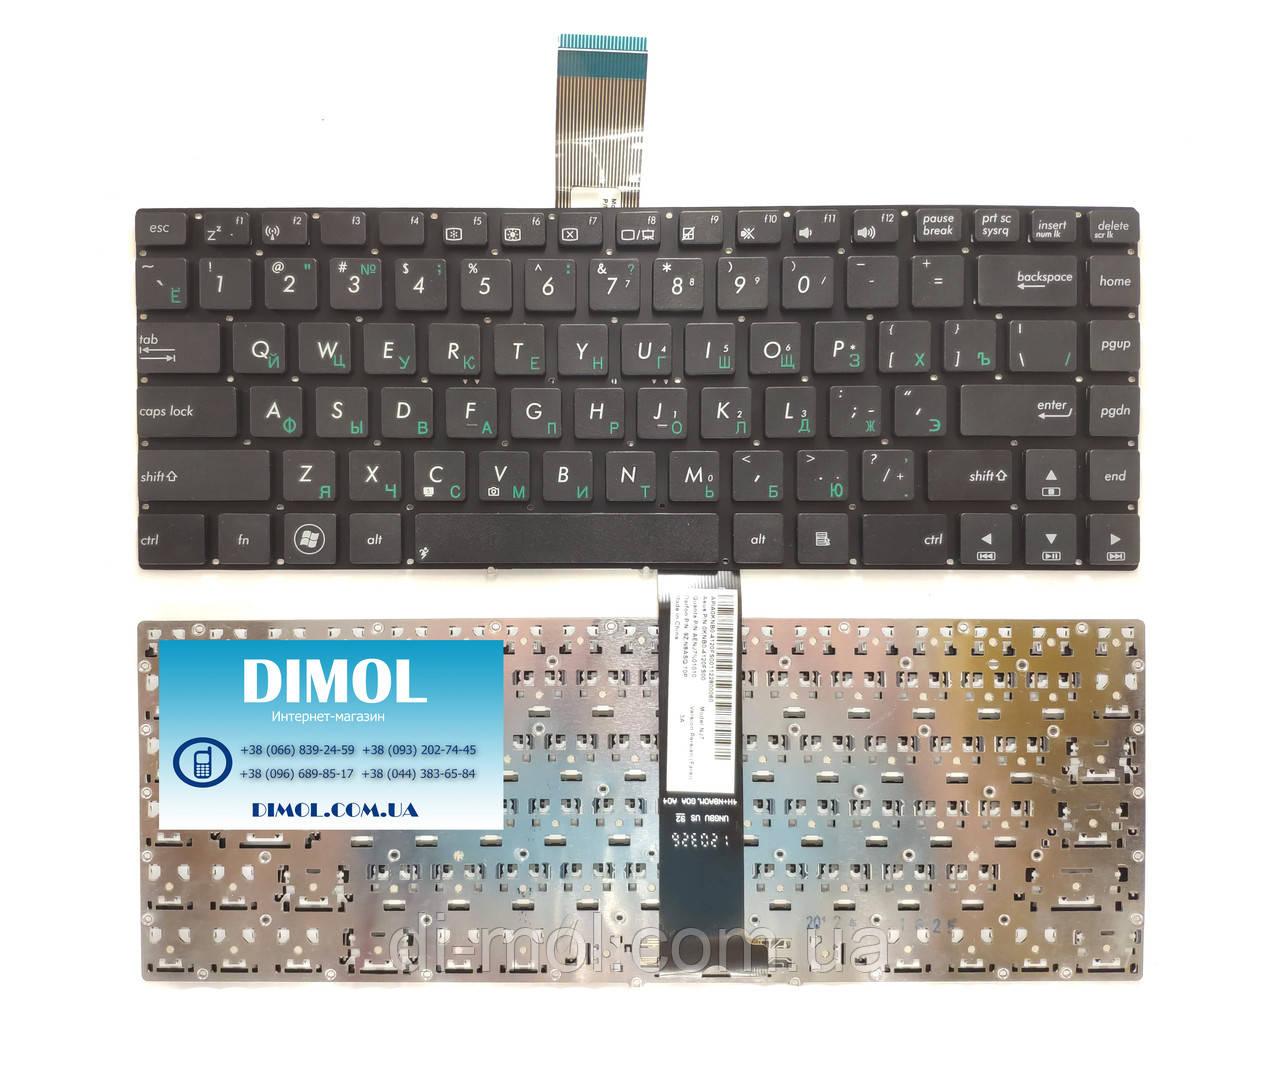 Оригинальная клавиатура для ноутбука Asus A45, A85, K45D, R400 series, black, ru (БЕЗ КРЕПЕЖНОГО ВИНТА)